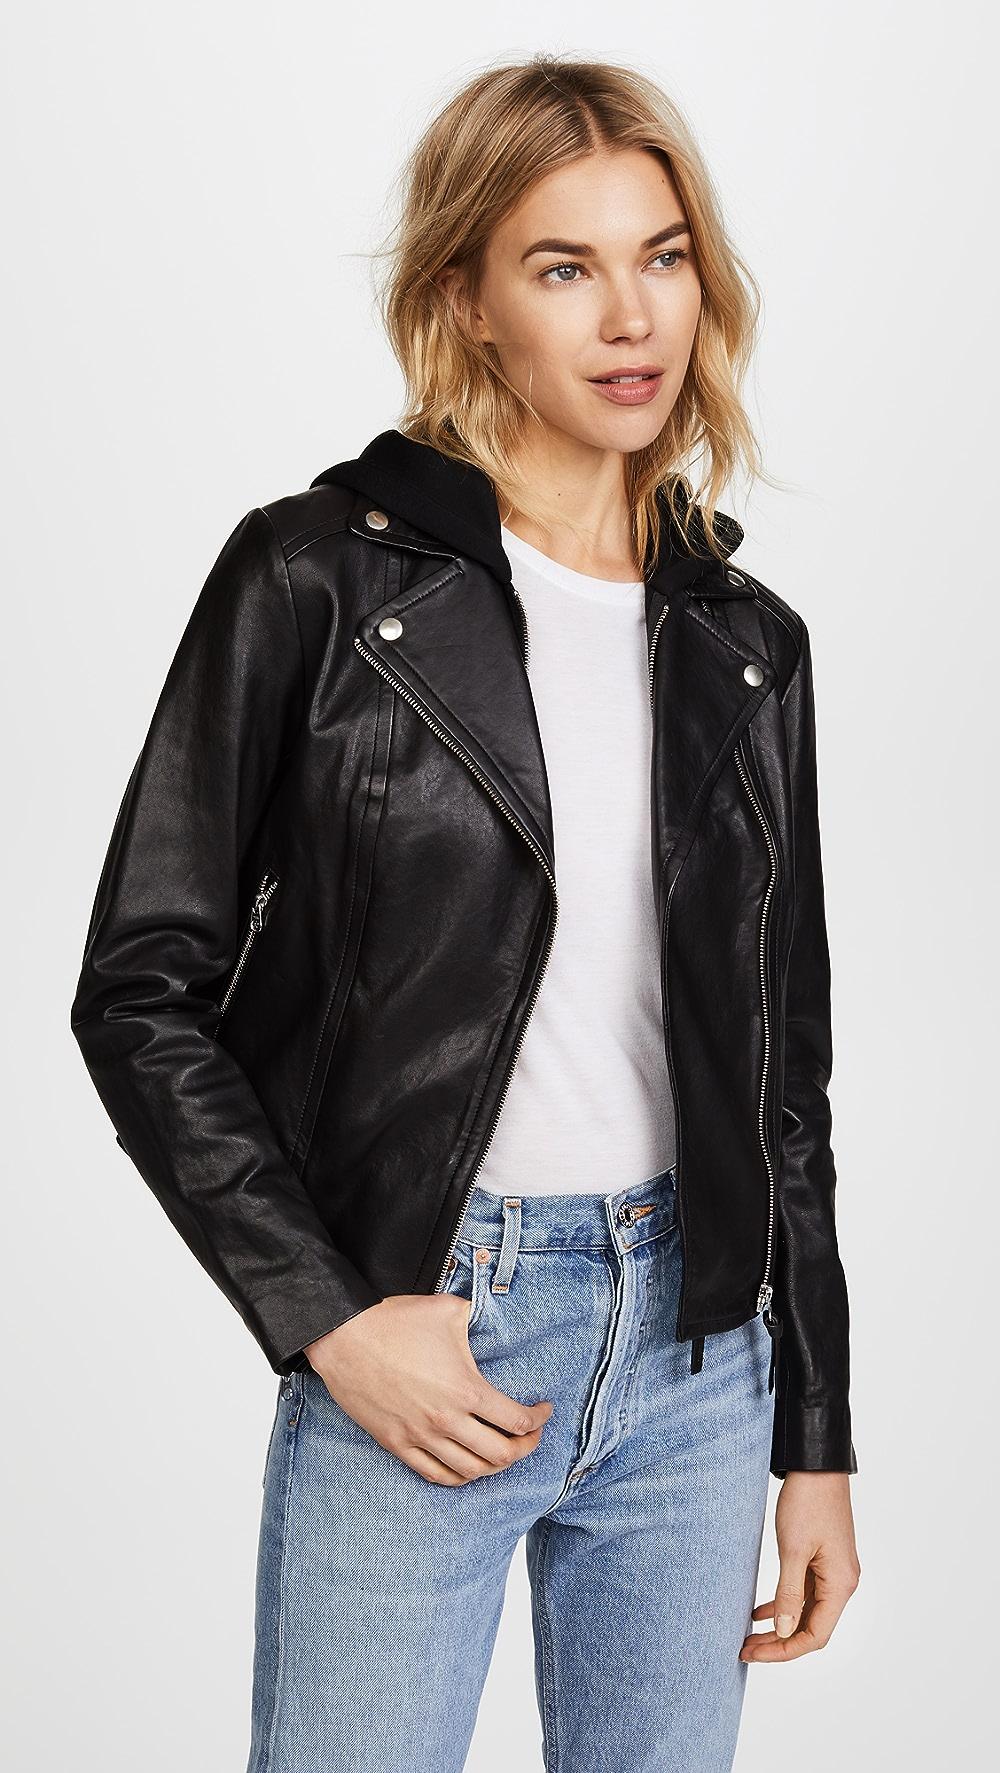 Alert Mackage - Yoana Leather Jacket Waterproof, Shock-Resistant And Antimagnetic